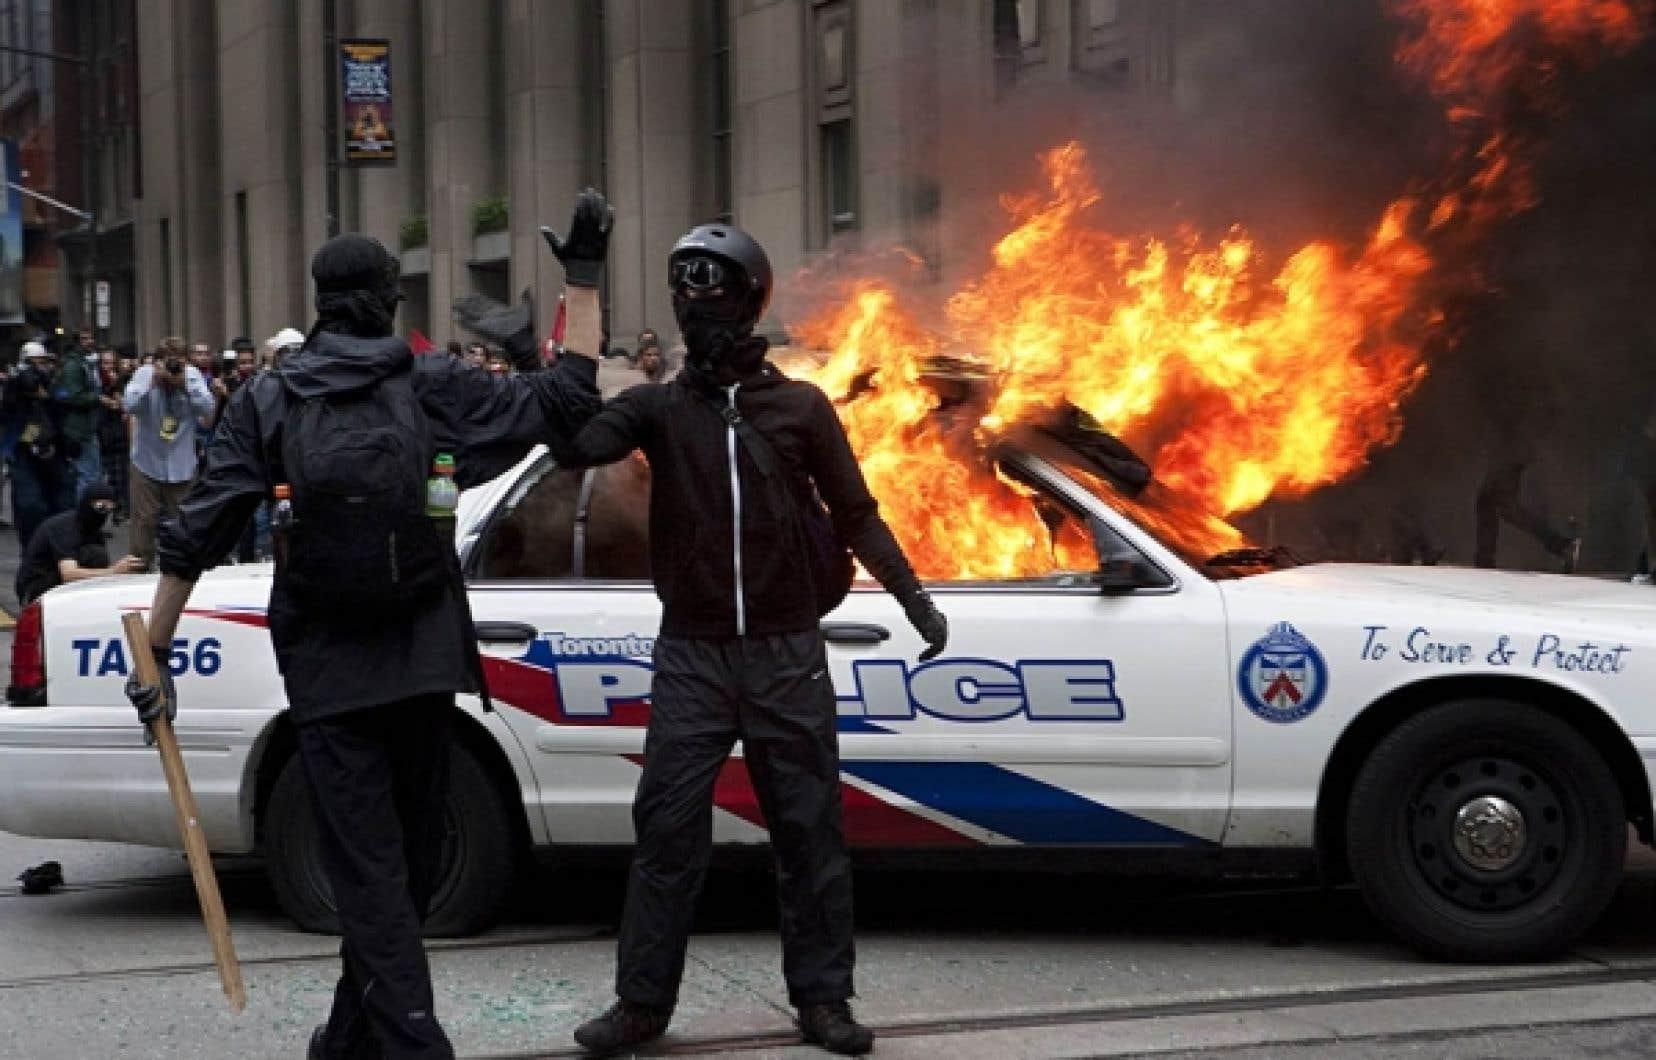 Les trois voitures de police incendiées et les quelque 500 arrestations de samedi, à Toronto, n'ont pas beaucoup retenu l'attention des grands quotidiens à travers le monde, qui se sont surtout attardés aux enjeux de fond du G20.